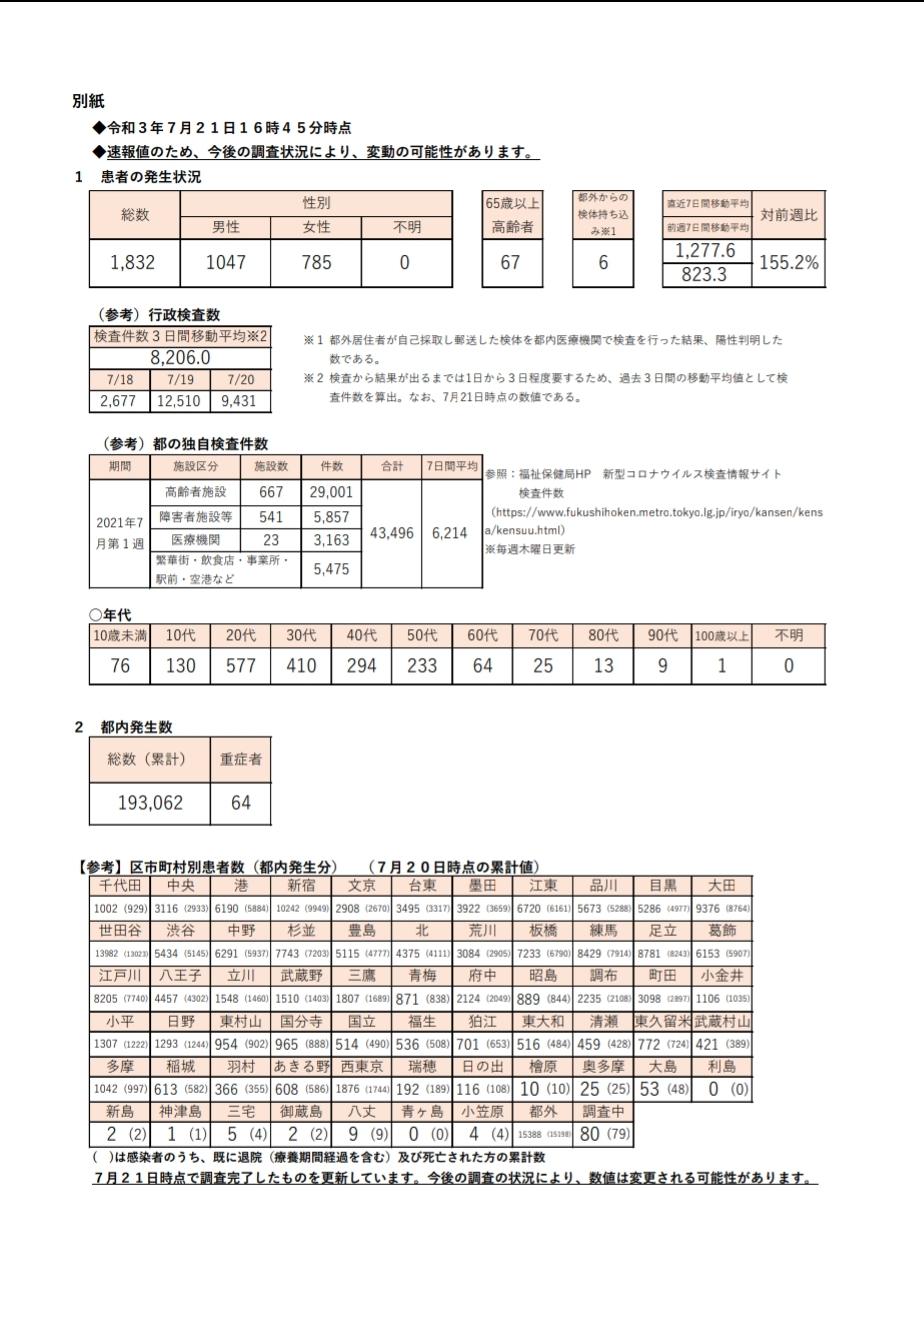 【速報】東京都の新型コロナの新規感染者数は  1,832人…  前週比155.2%…★4  [BFU★]